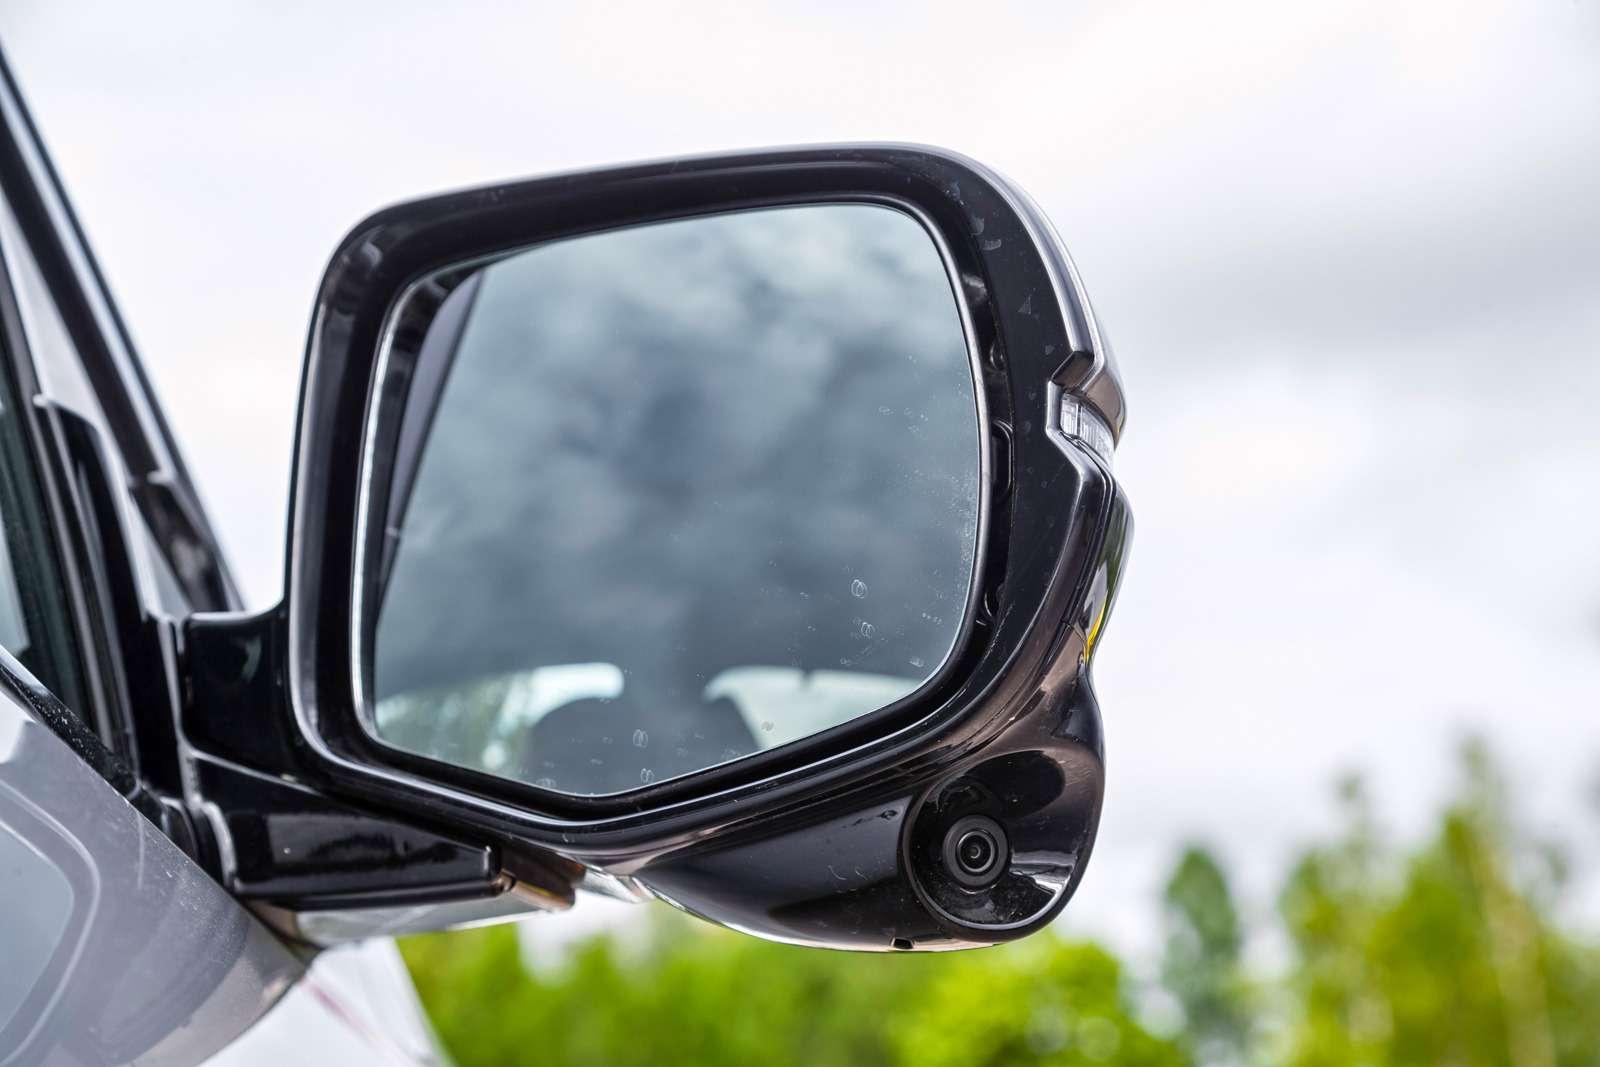 Тест полноразмерных кроссоверов: Honda Pilot, Kia Sorento Prime иFord Explorer— фото 614986